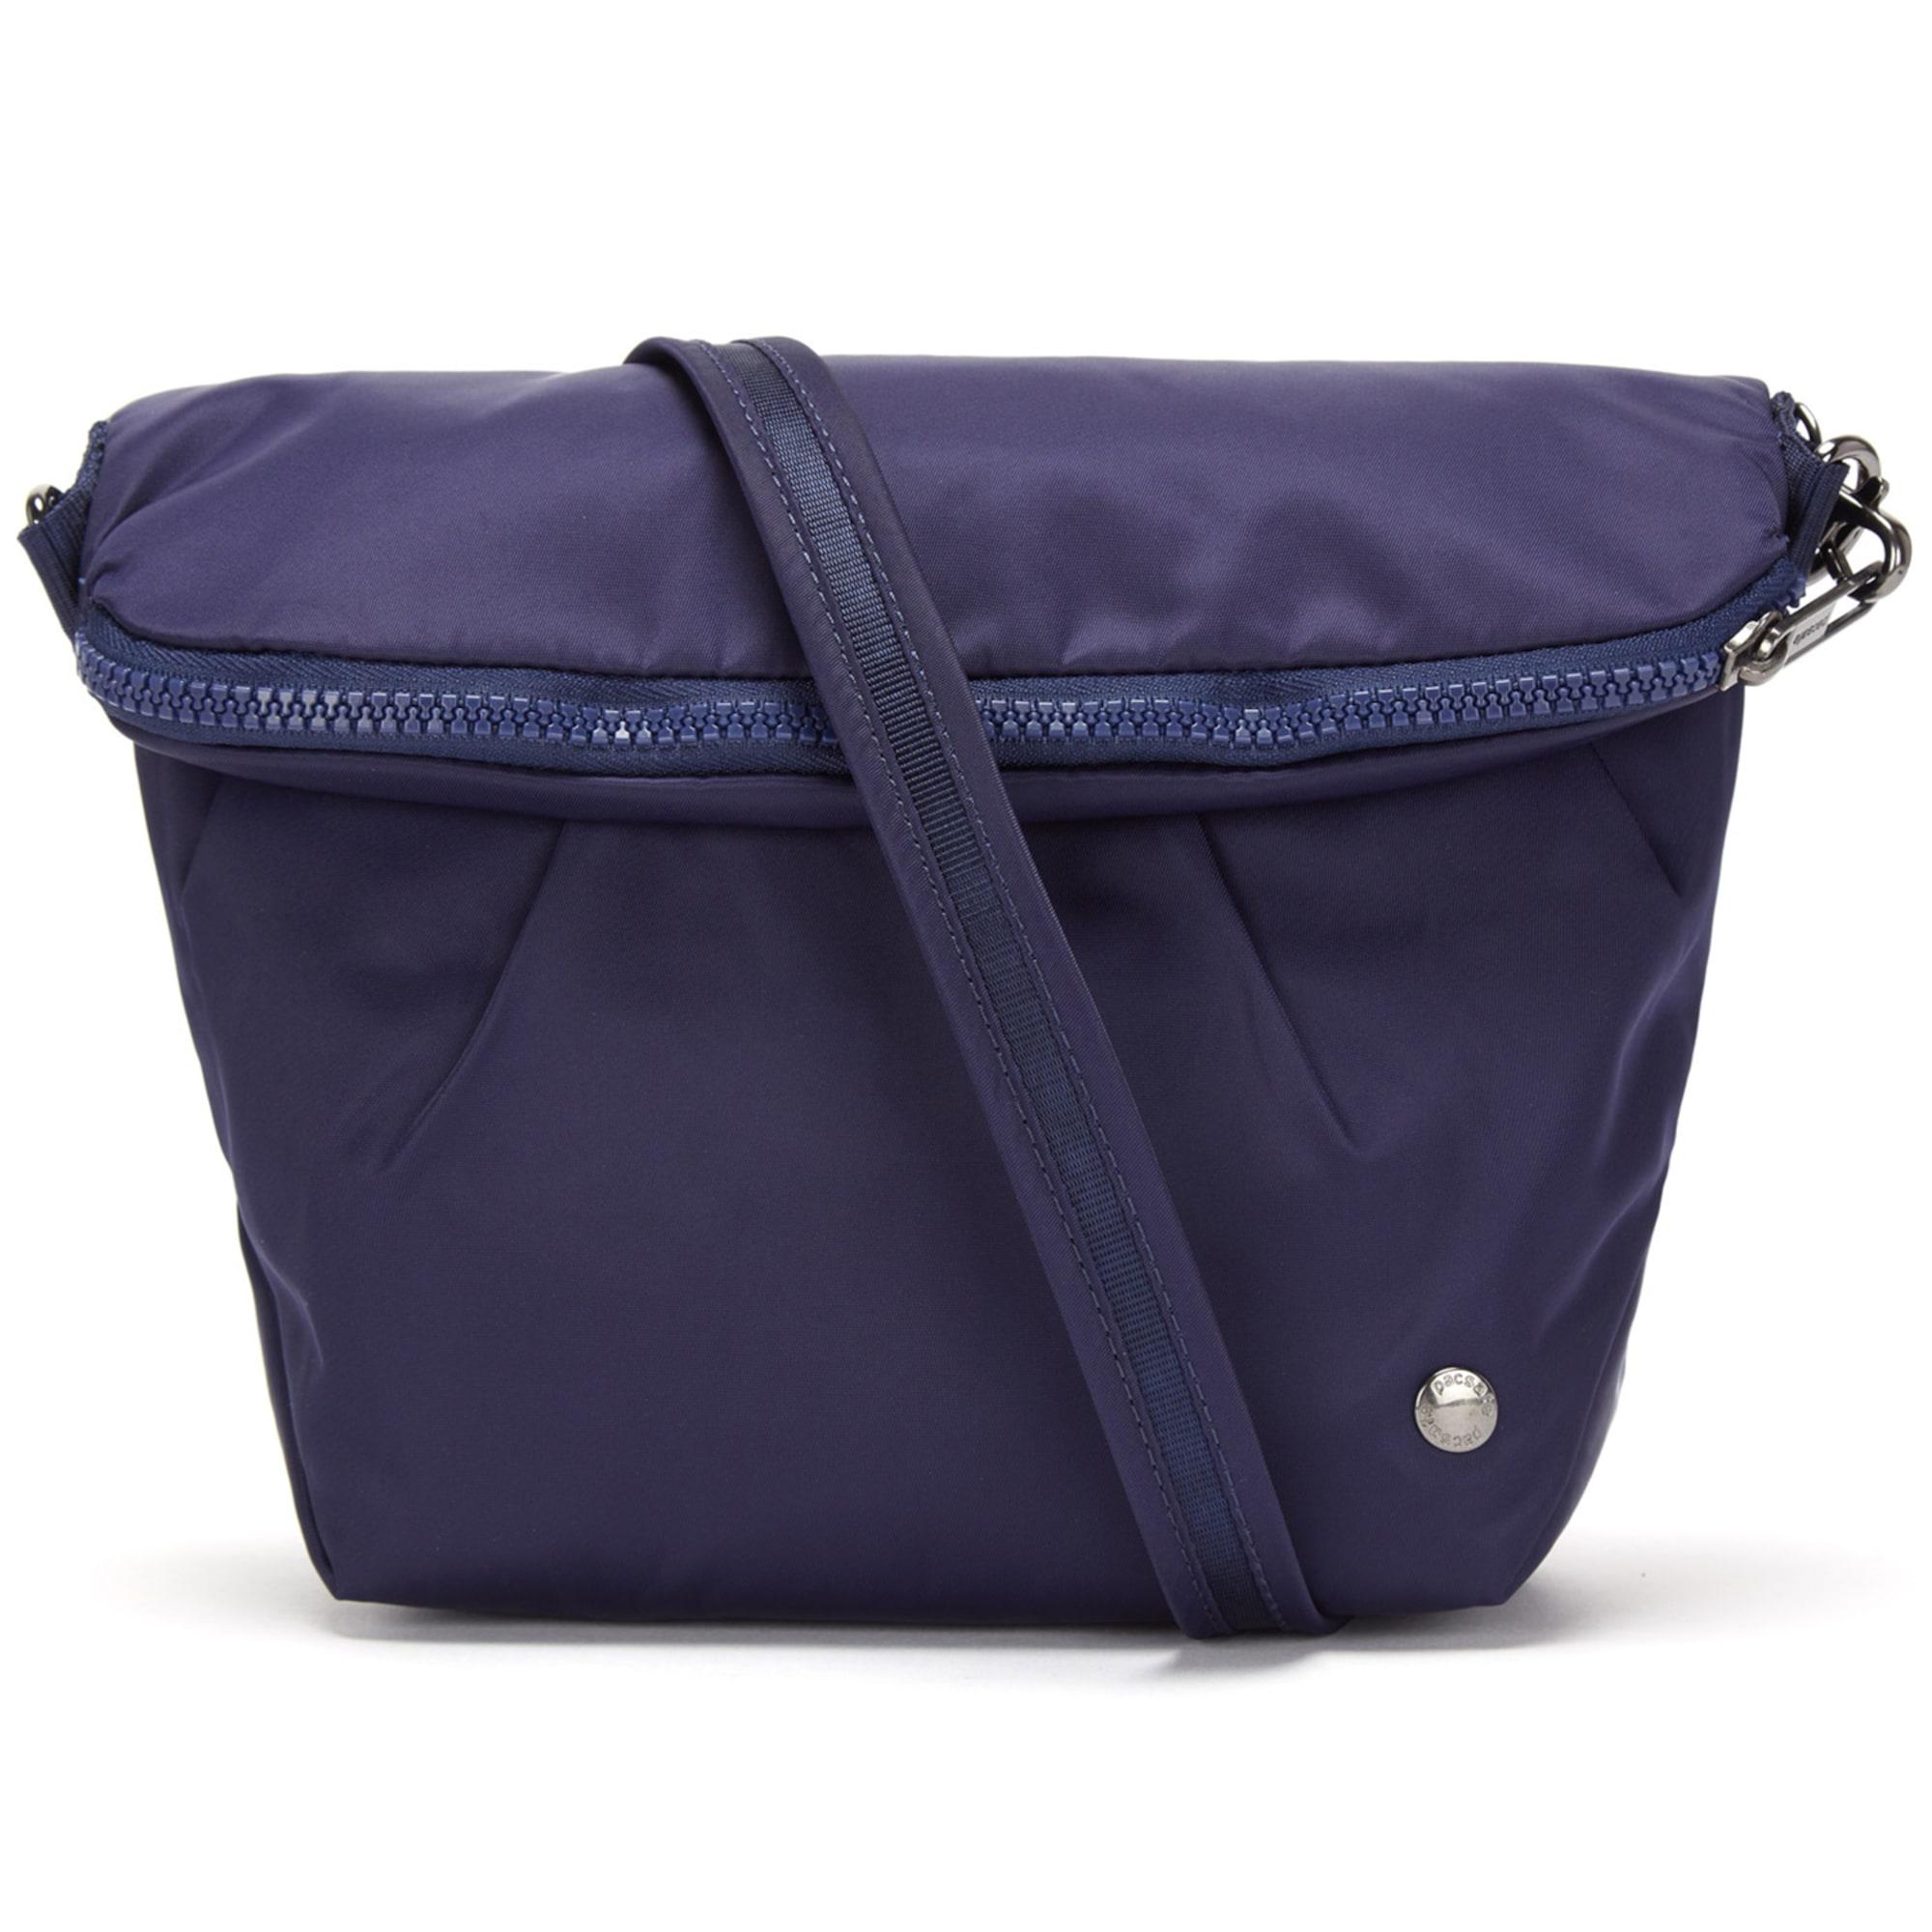 Umhängetasche 'Citysafe CX' | Taschen > Handtaschen > Umhängetaschen | Pacsafe